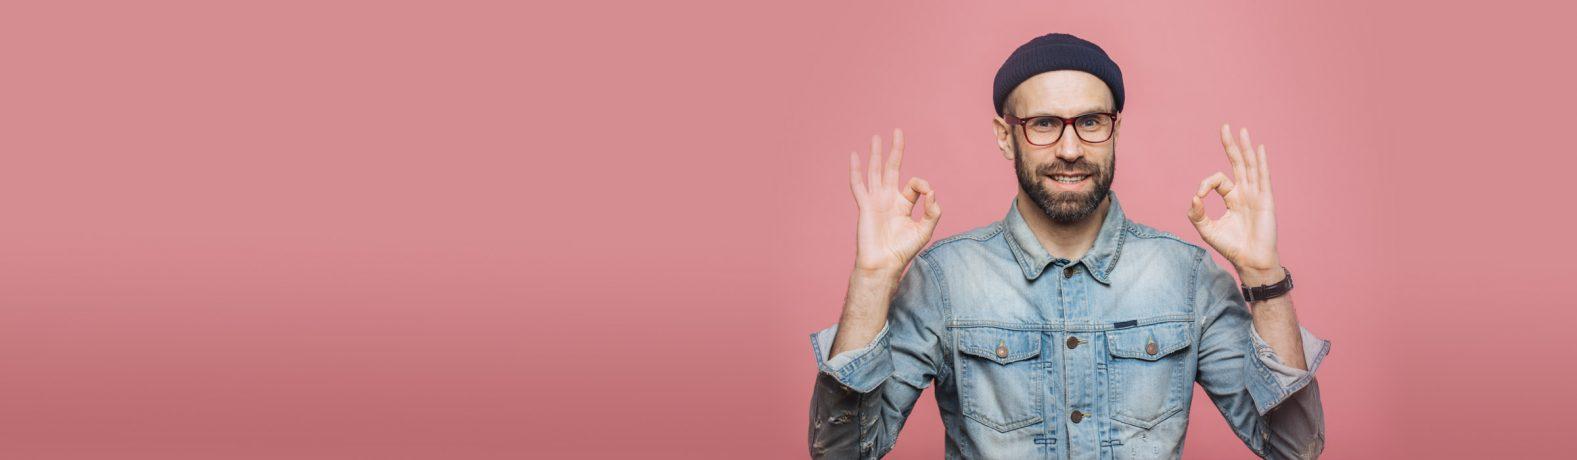 Mann mit Brille und Mütze